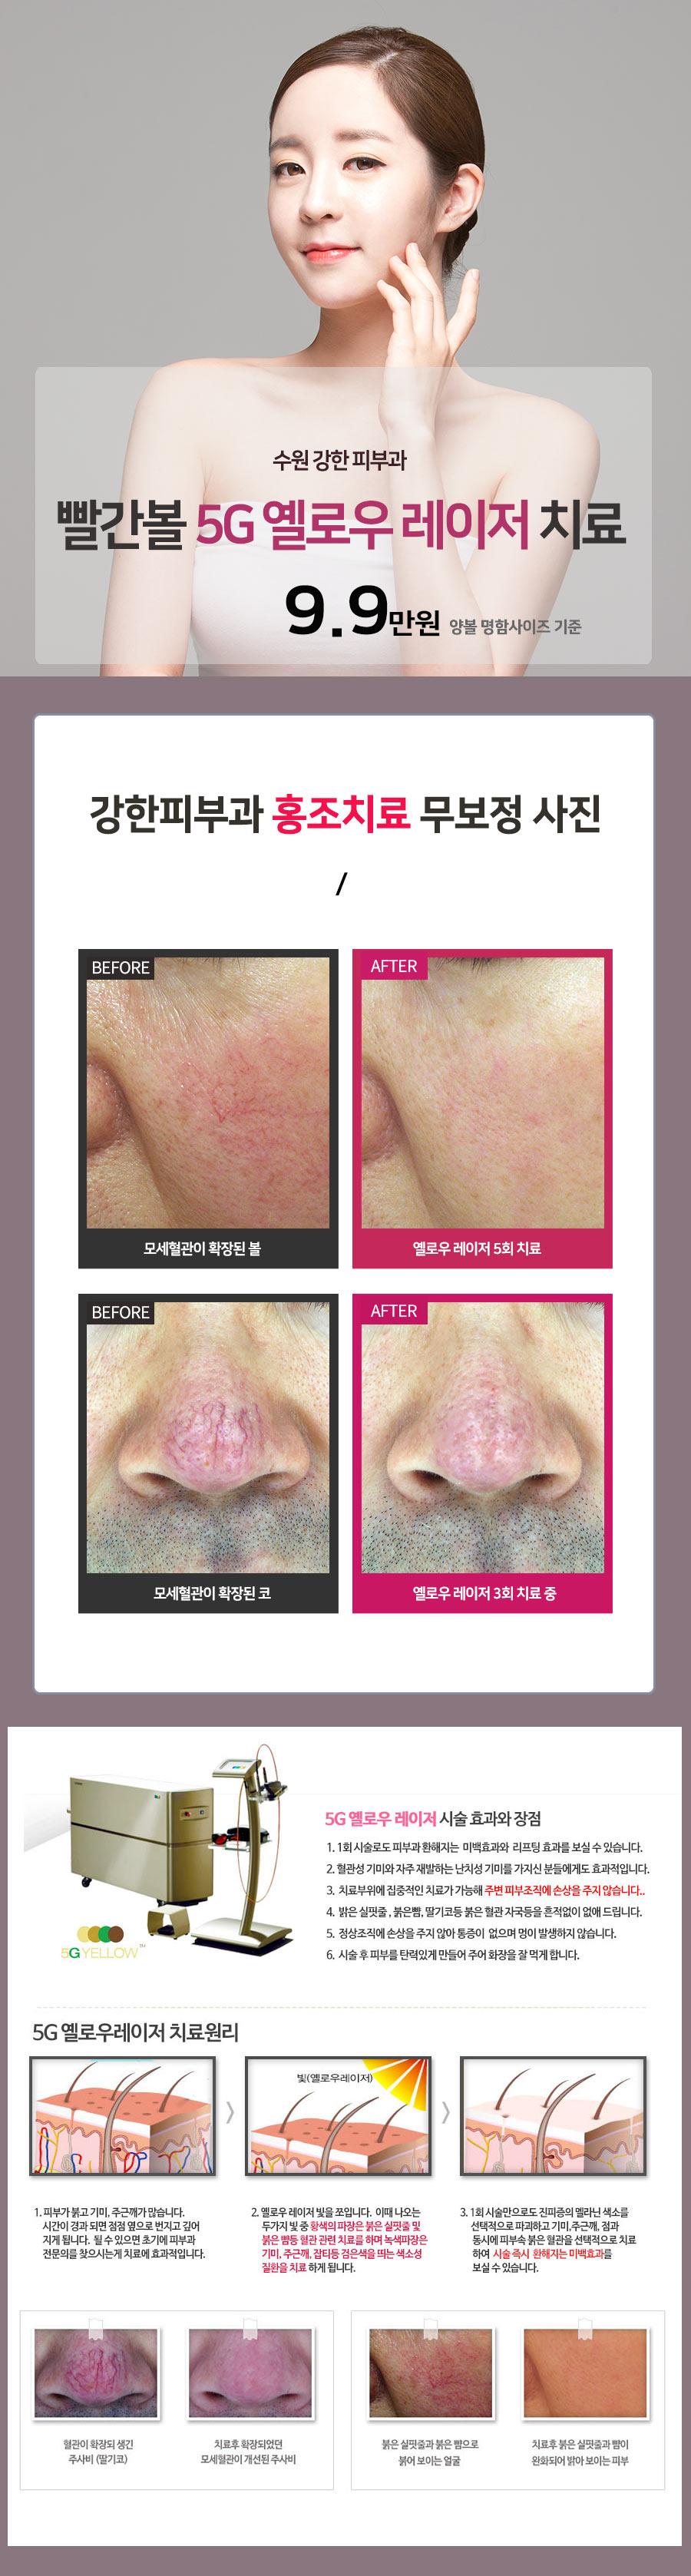 홍당무 얼굴 치료